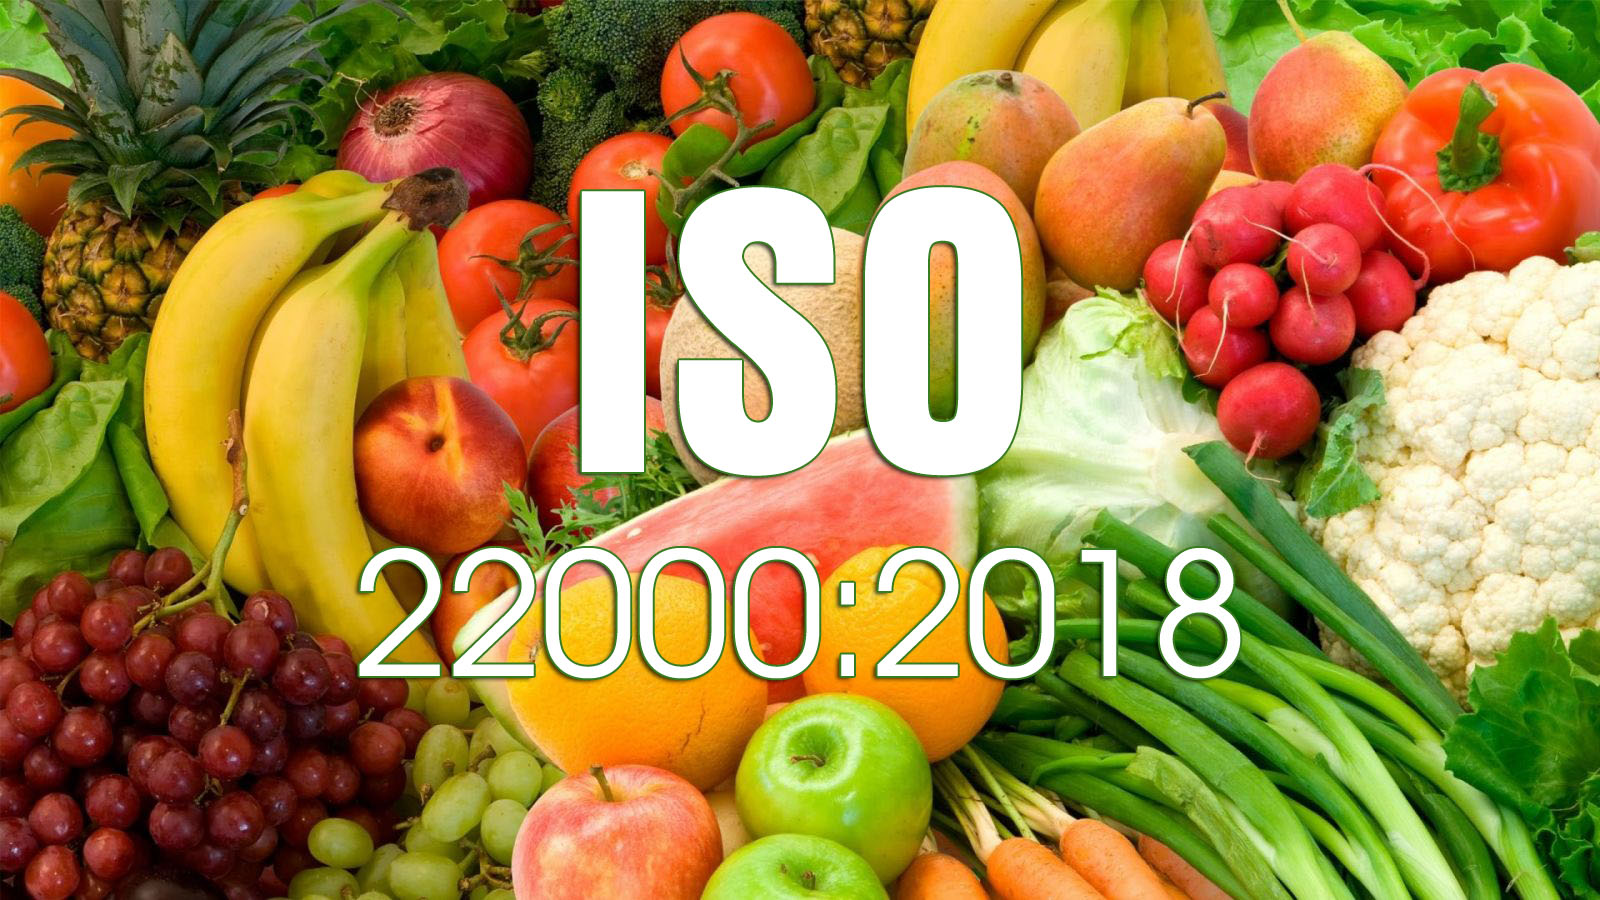 ĐÁNH GIÁ VIÊN NỘI BỘ TIÊU CHUẨN ISO 22000:2018 (Cấp 3)